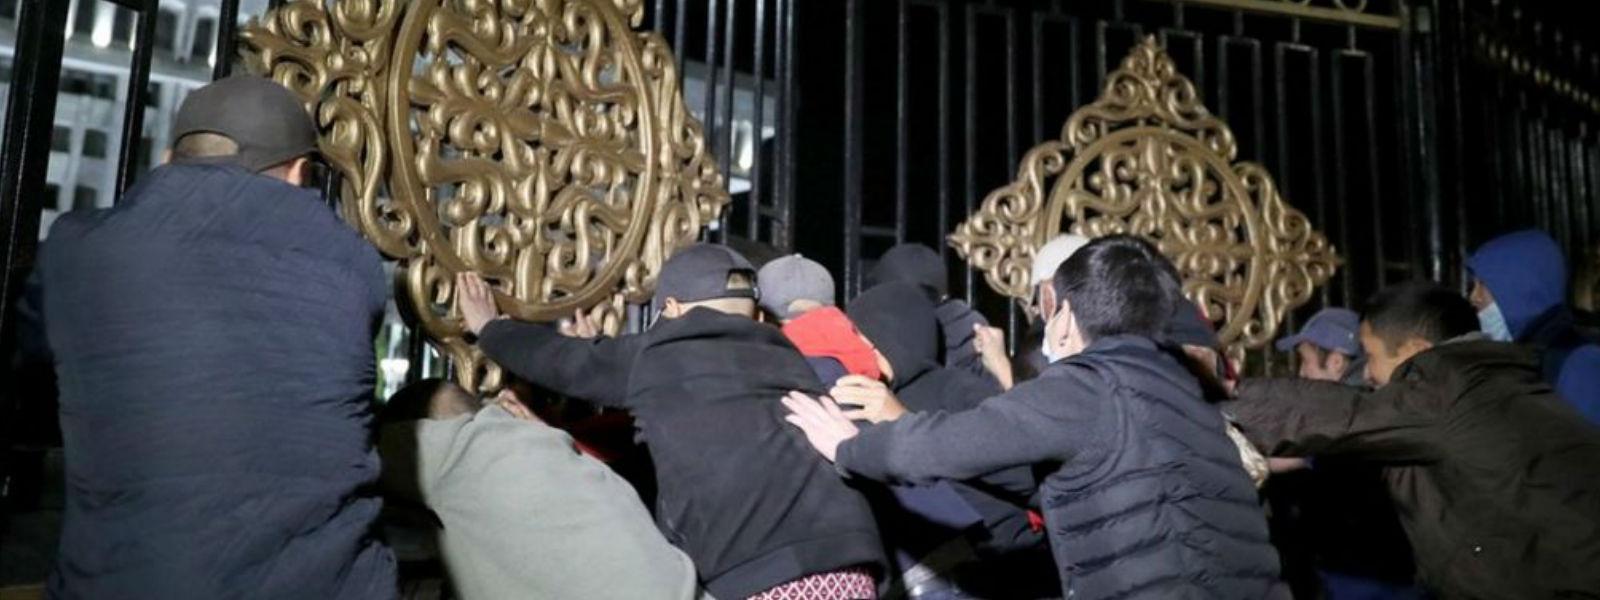 கிர்கிஸ்தான் தேர்தலில் மோசடி: பாராளுமன்றம் முற்றுகை